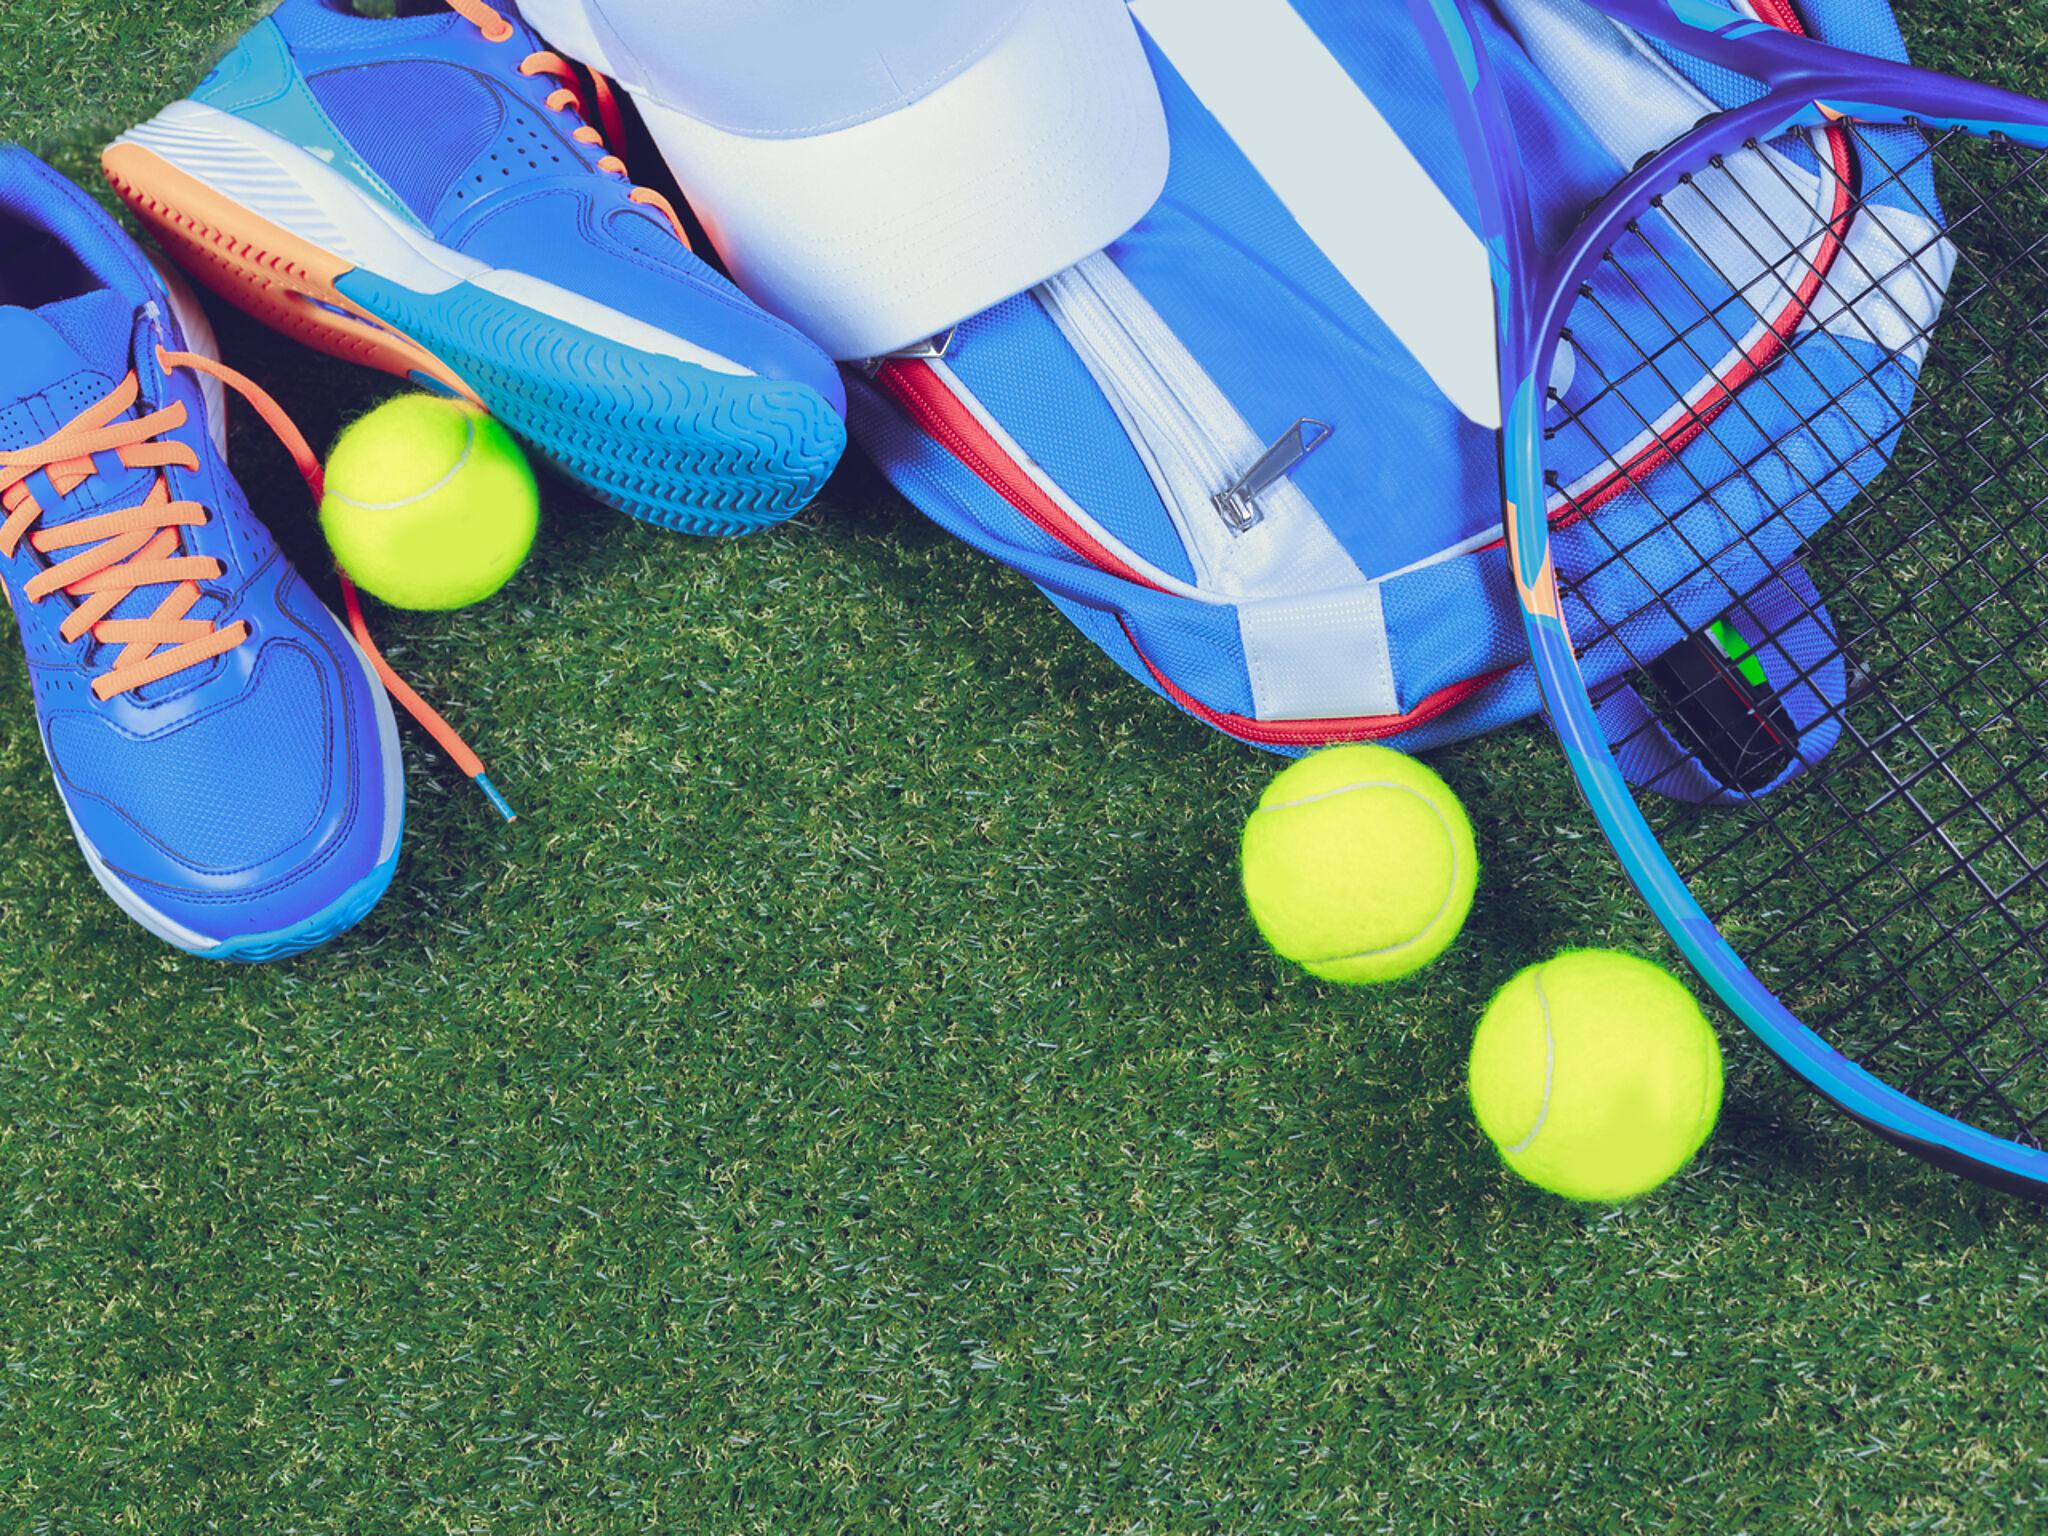 コートの上にラケットやボール、リュックなどが置いてある画像